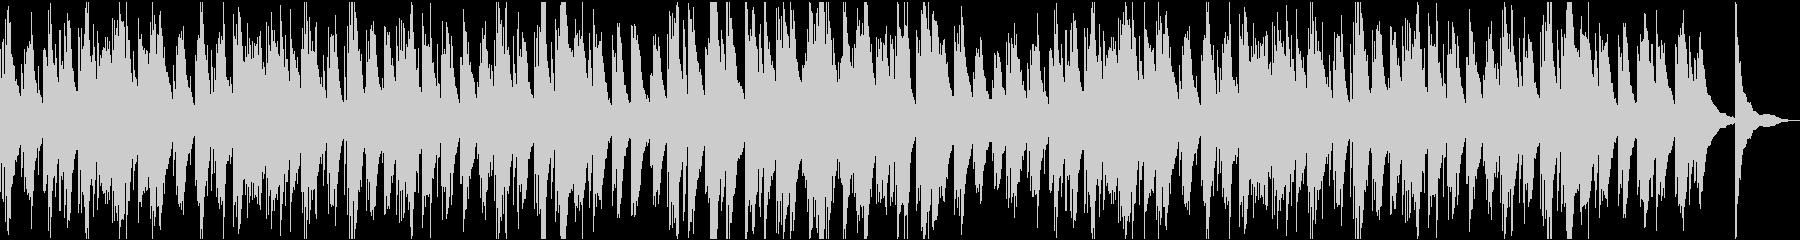 空間BGM8 16bit48kHzVerの未再生の波形